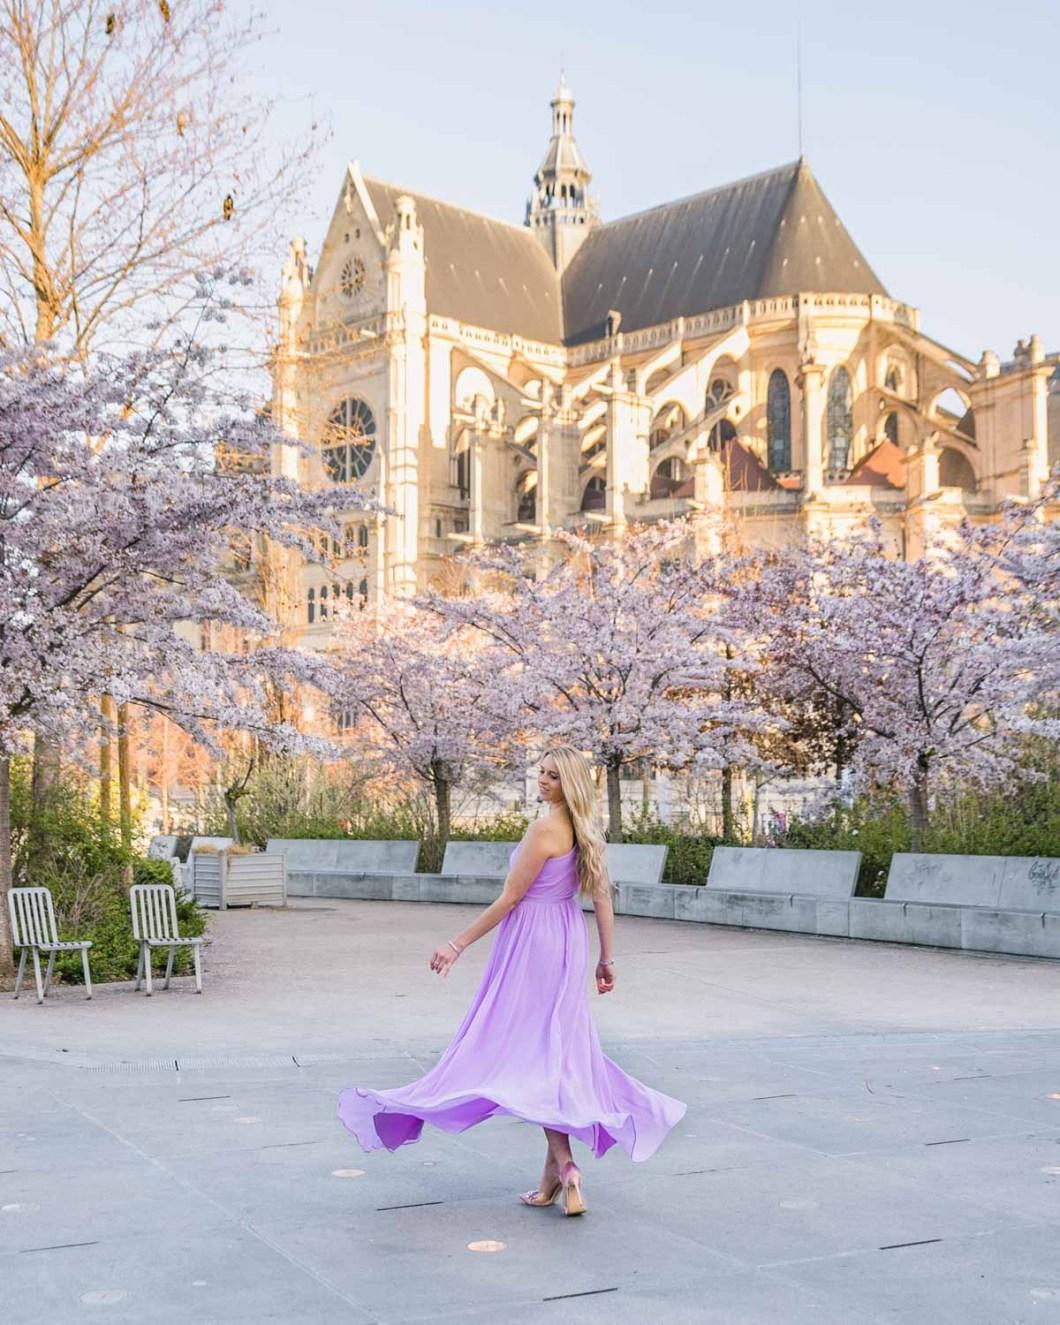 Blooms at Eglise Saint Eustache - Châtelet Les Halles in Paris